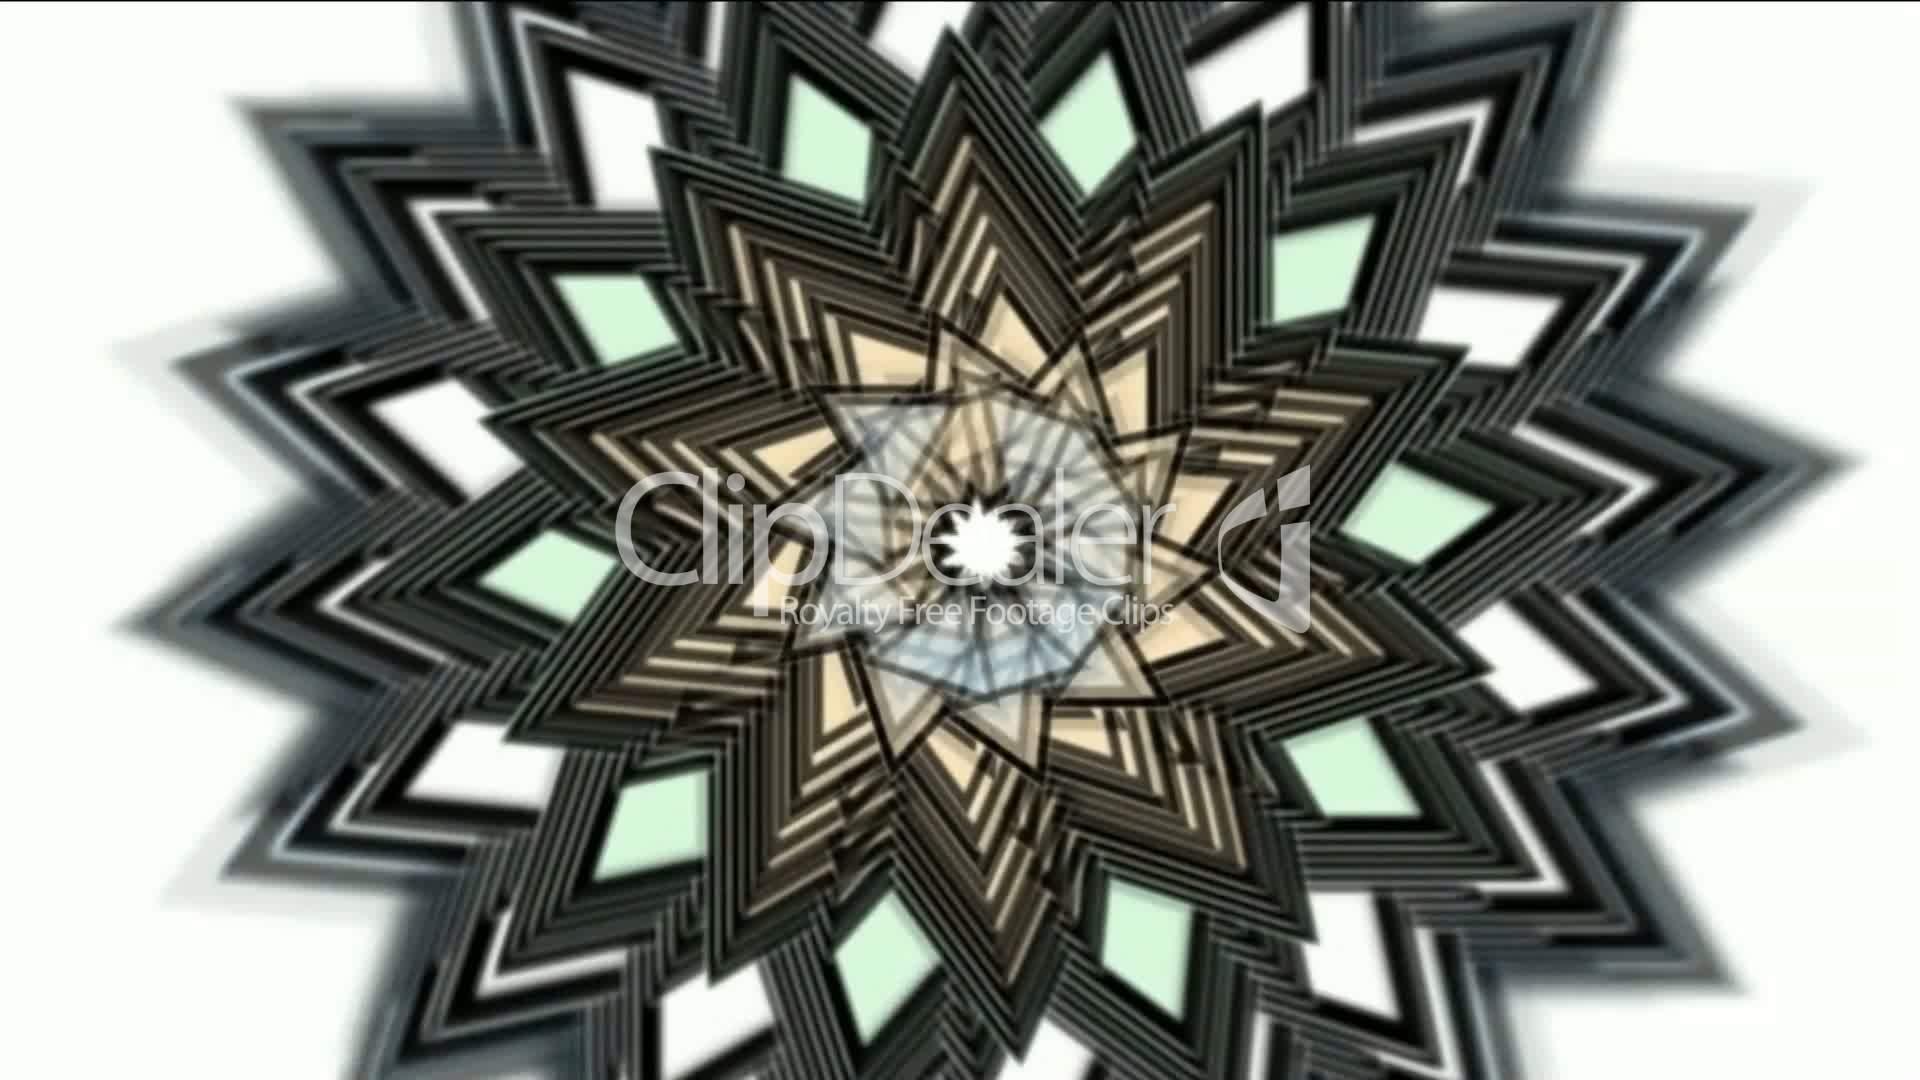 Buddhism Lotus Mandala Royalty Free Videos